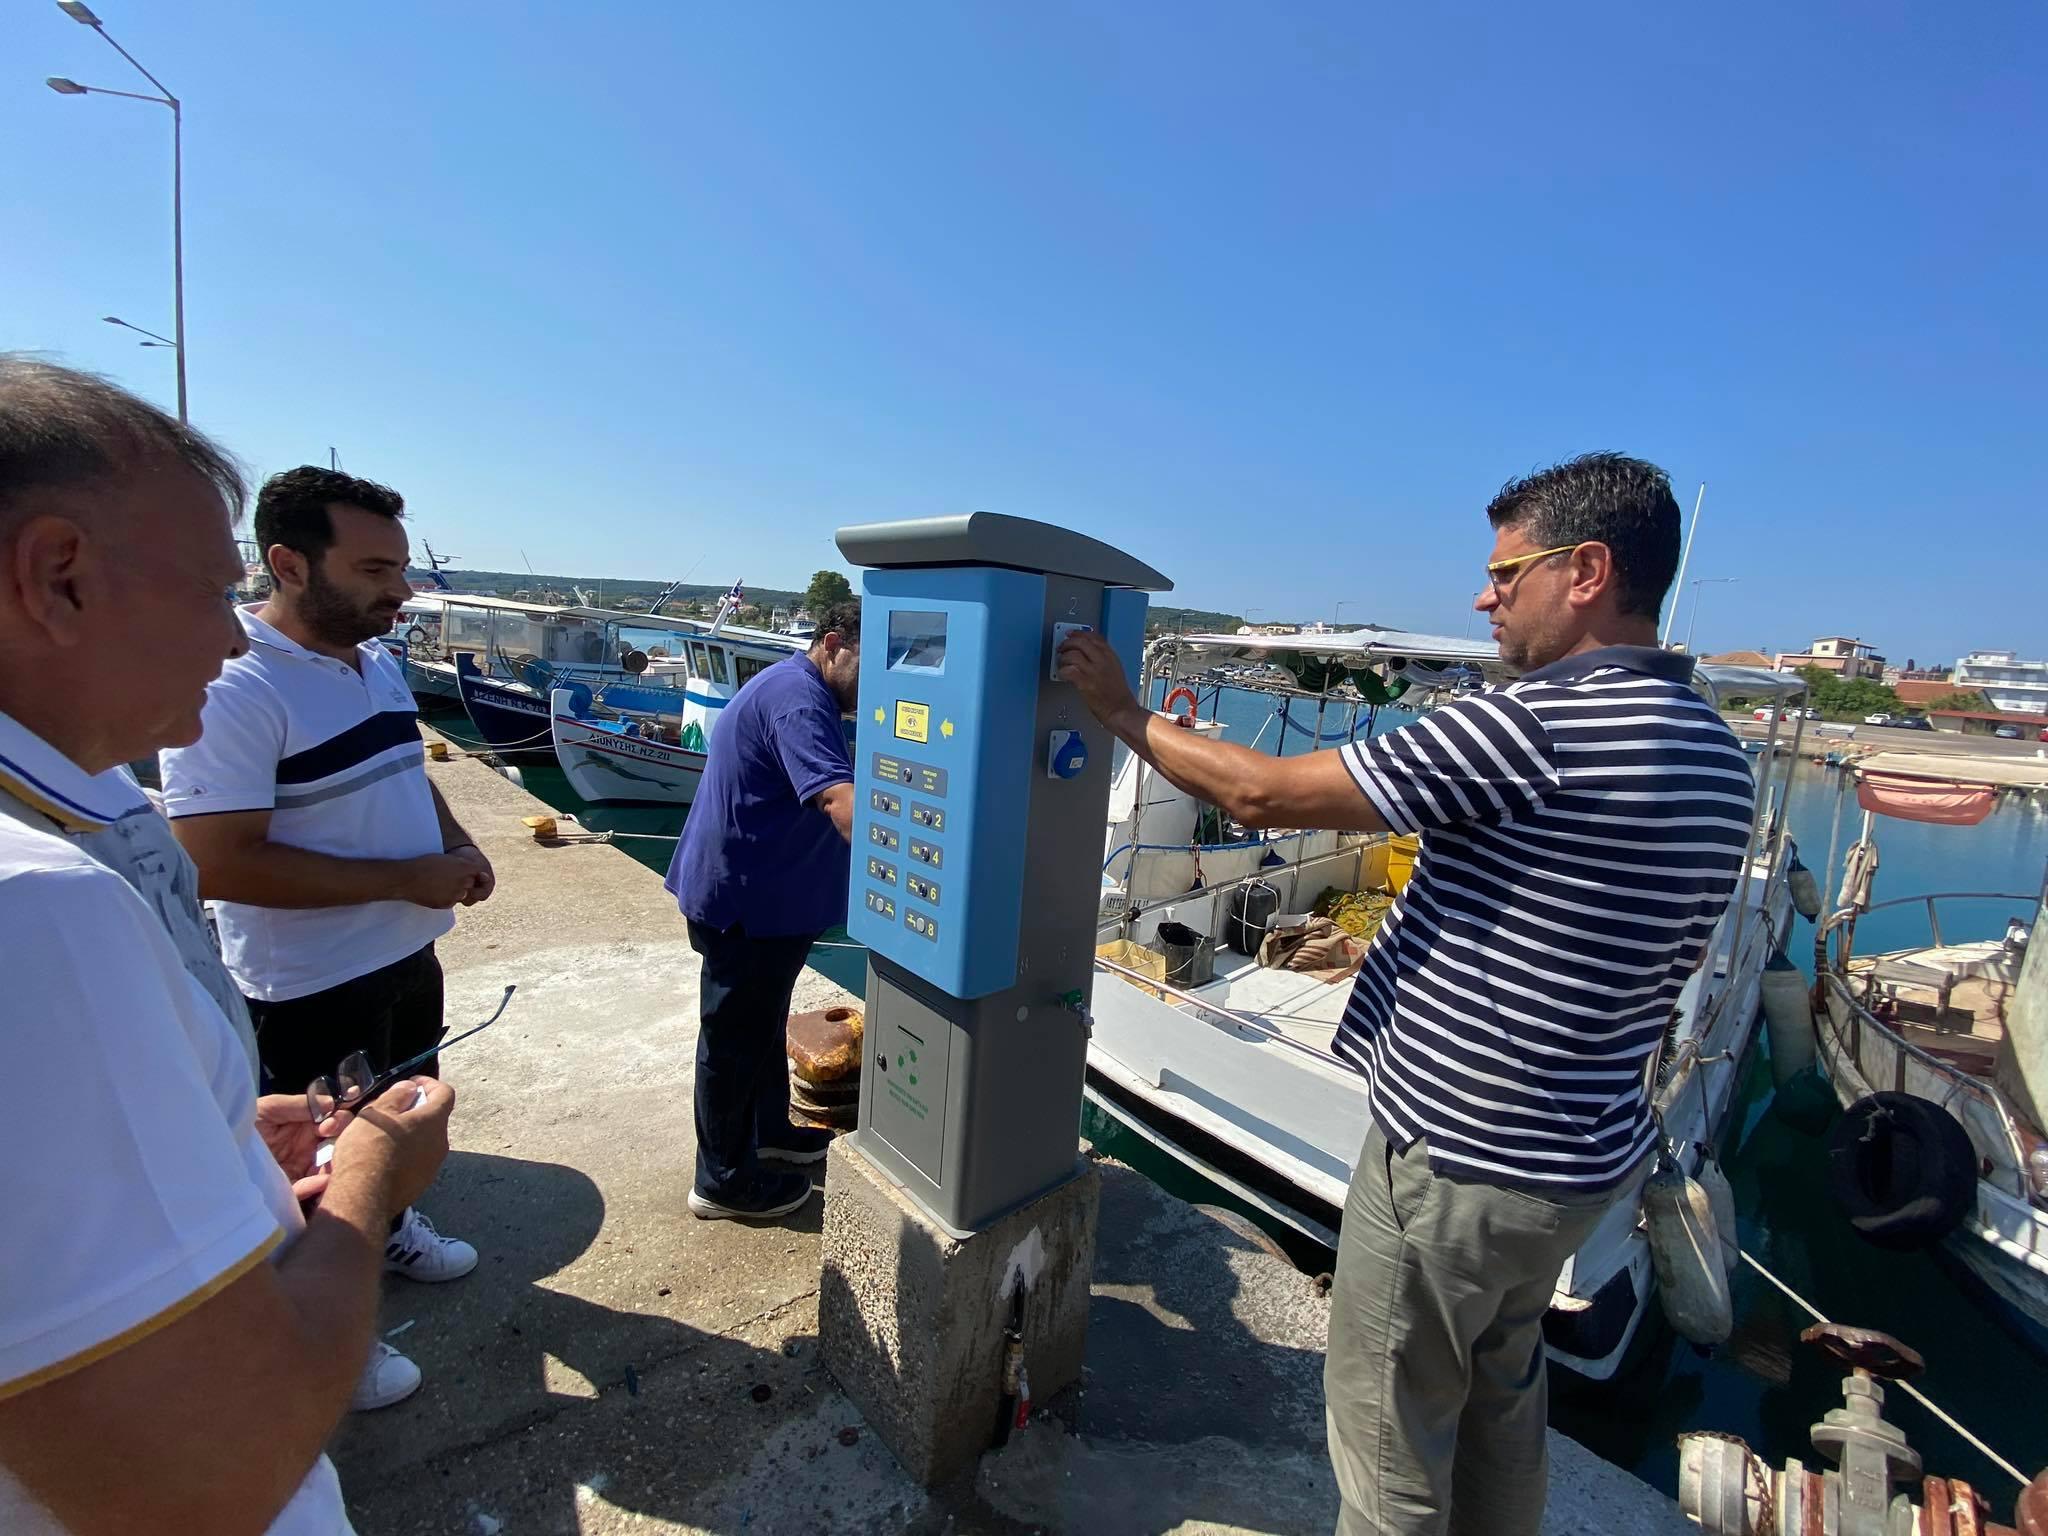 Σε λειτουργία οι συσκευές pillars στο Λιμάνι της Κυλλήνης - Πρώτη δοκιμαστική λειτουργία παρουσία του Γιάννη Λέντζα (photos)